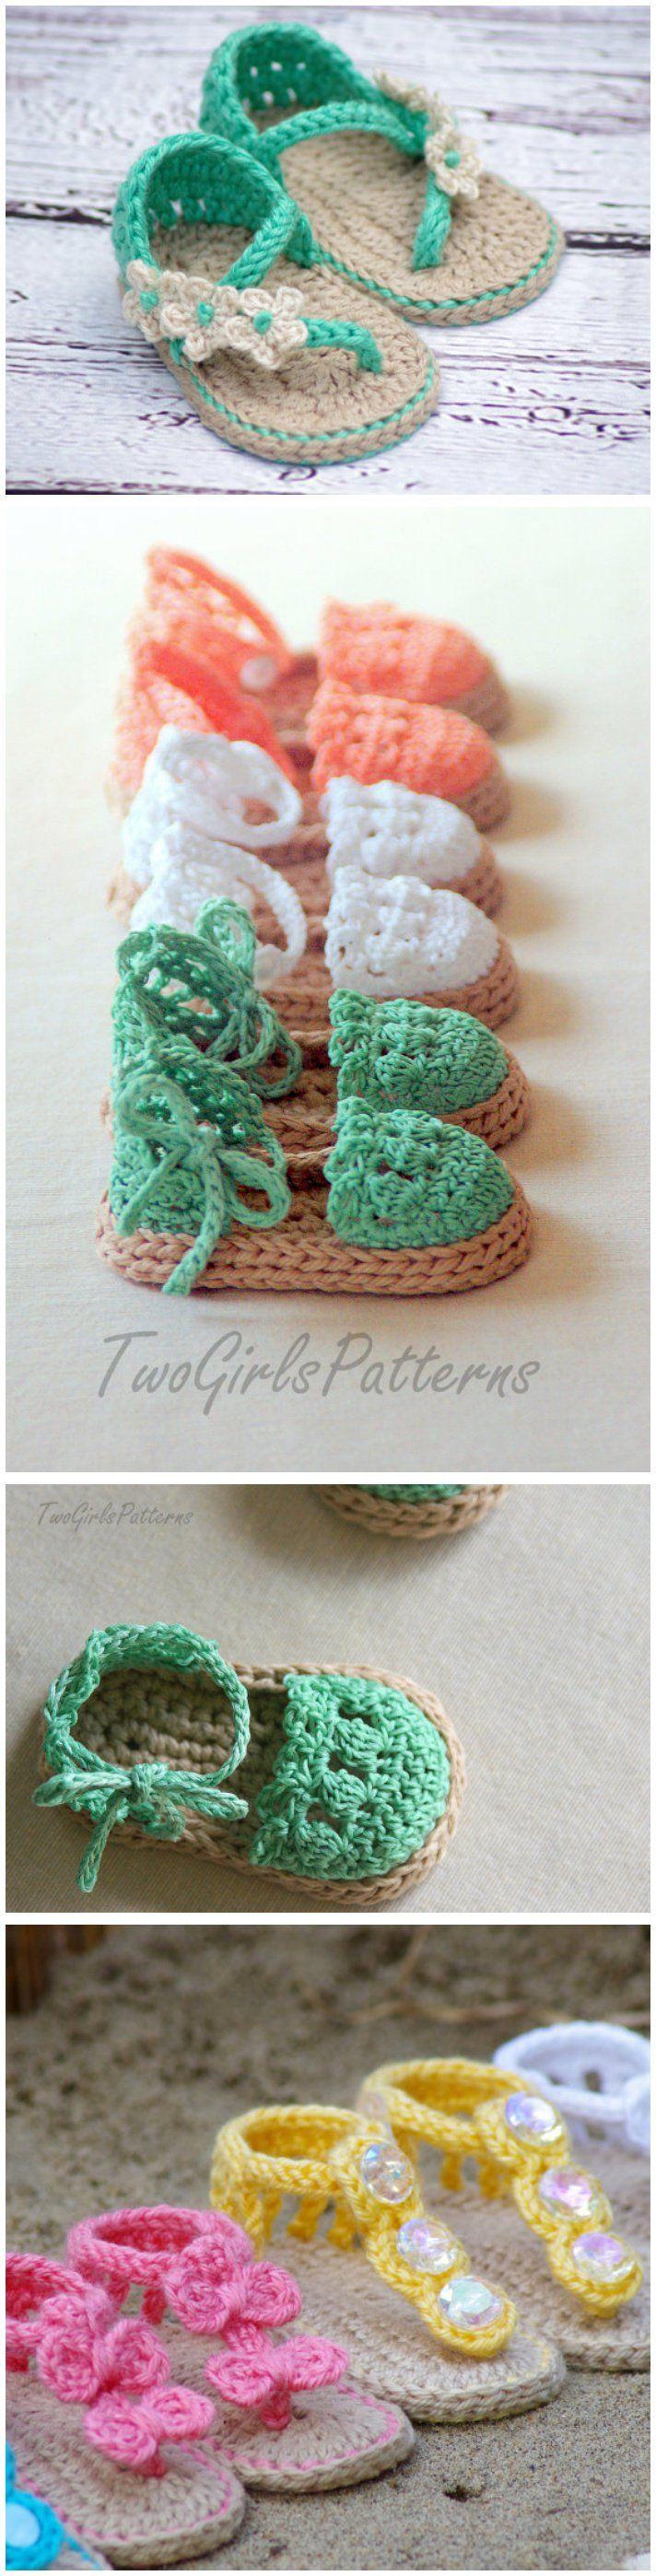 Crochet Baby Flip Flop Sandals with Patterns | Sandalias de bebé ...